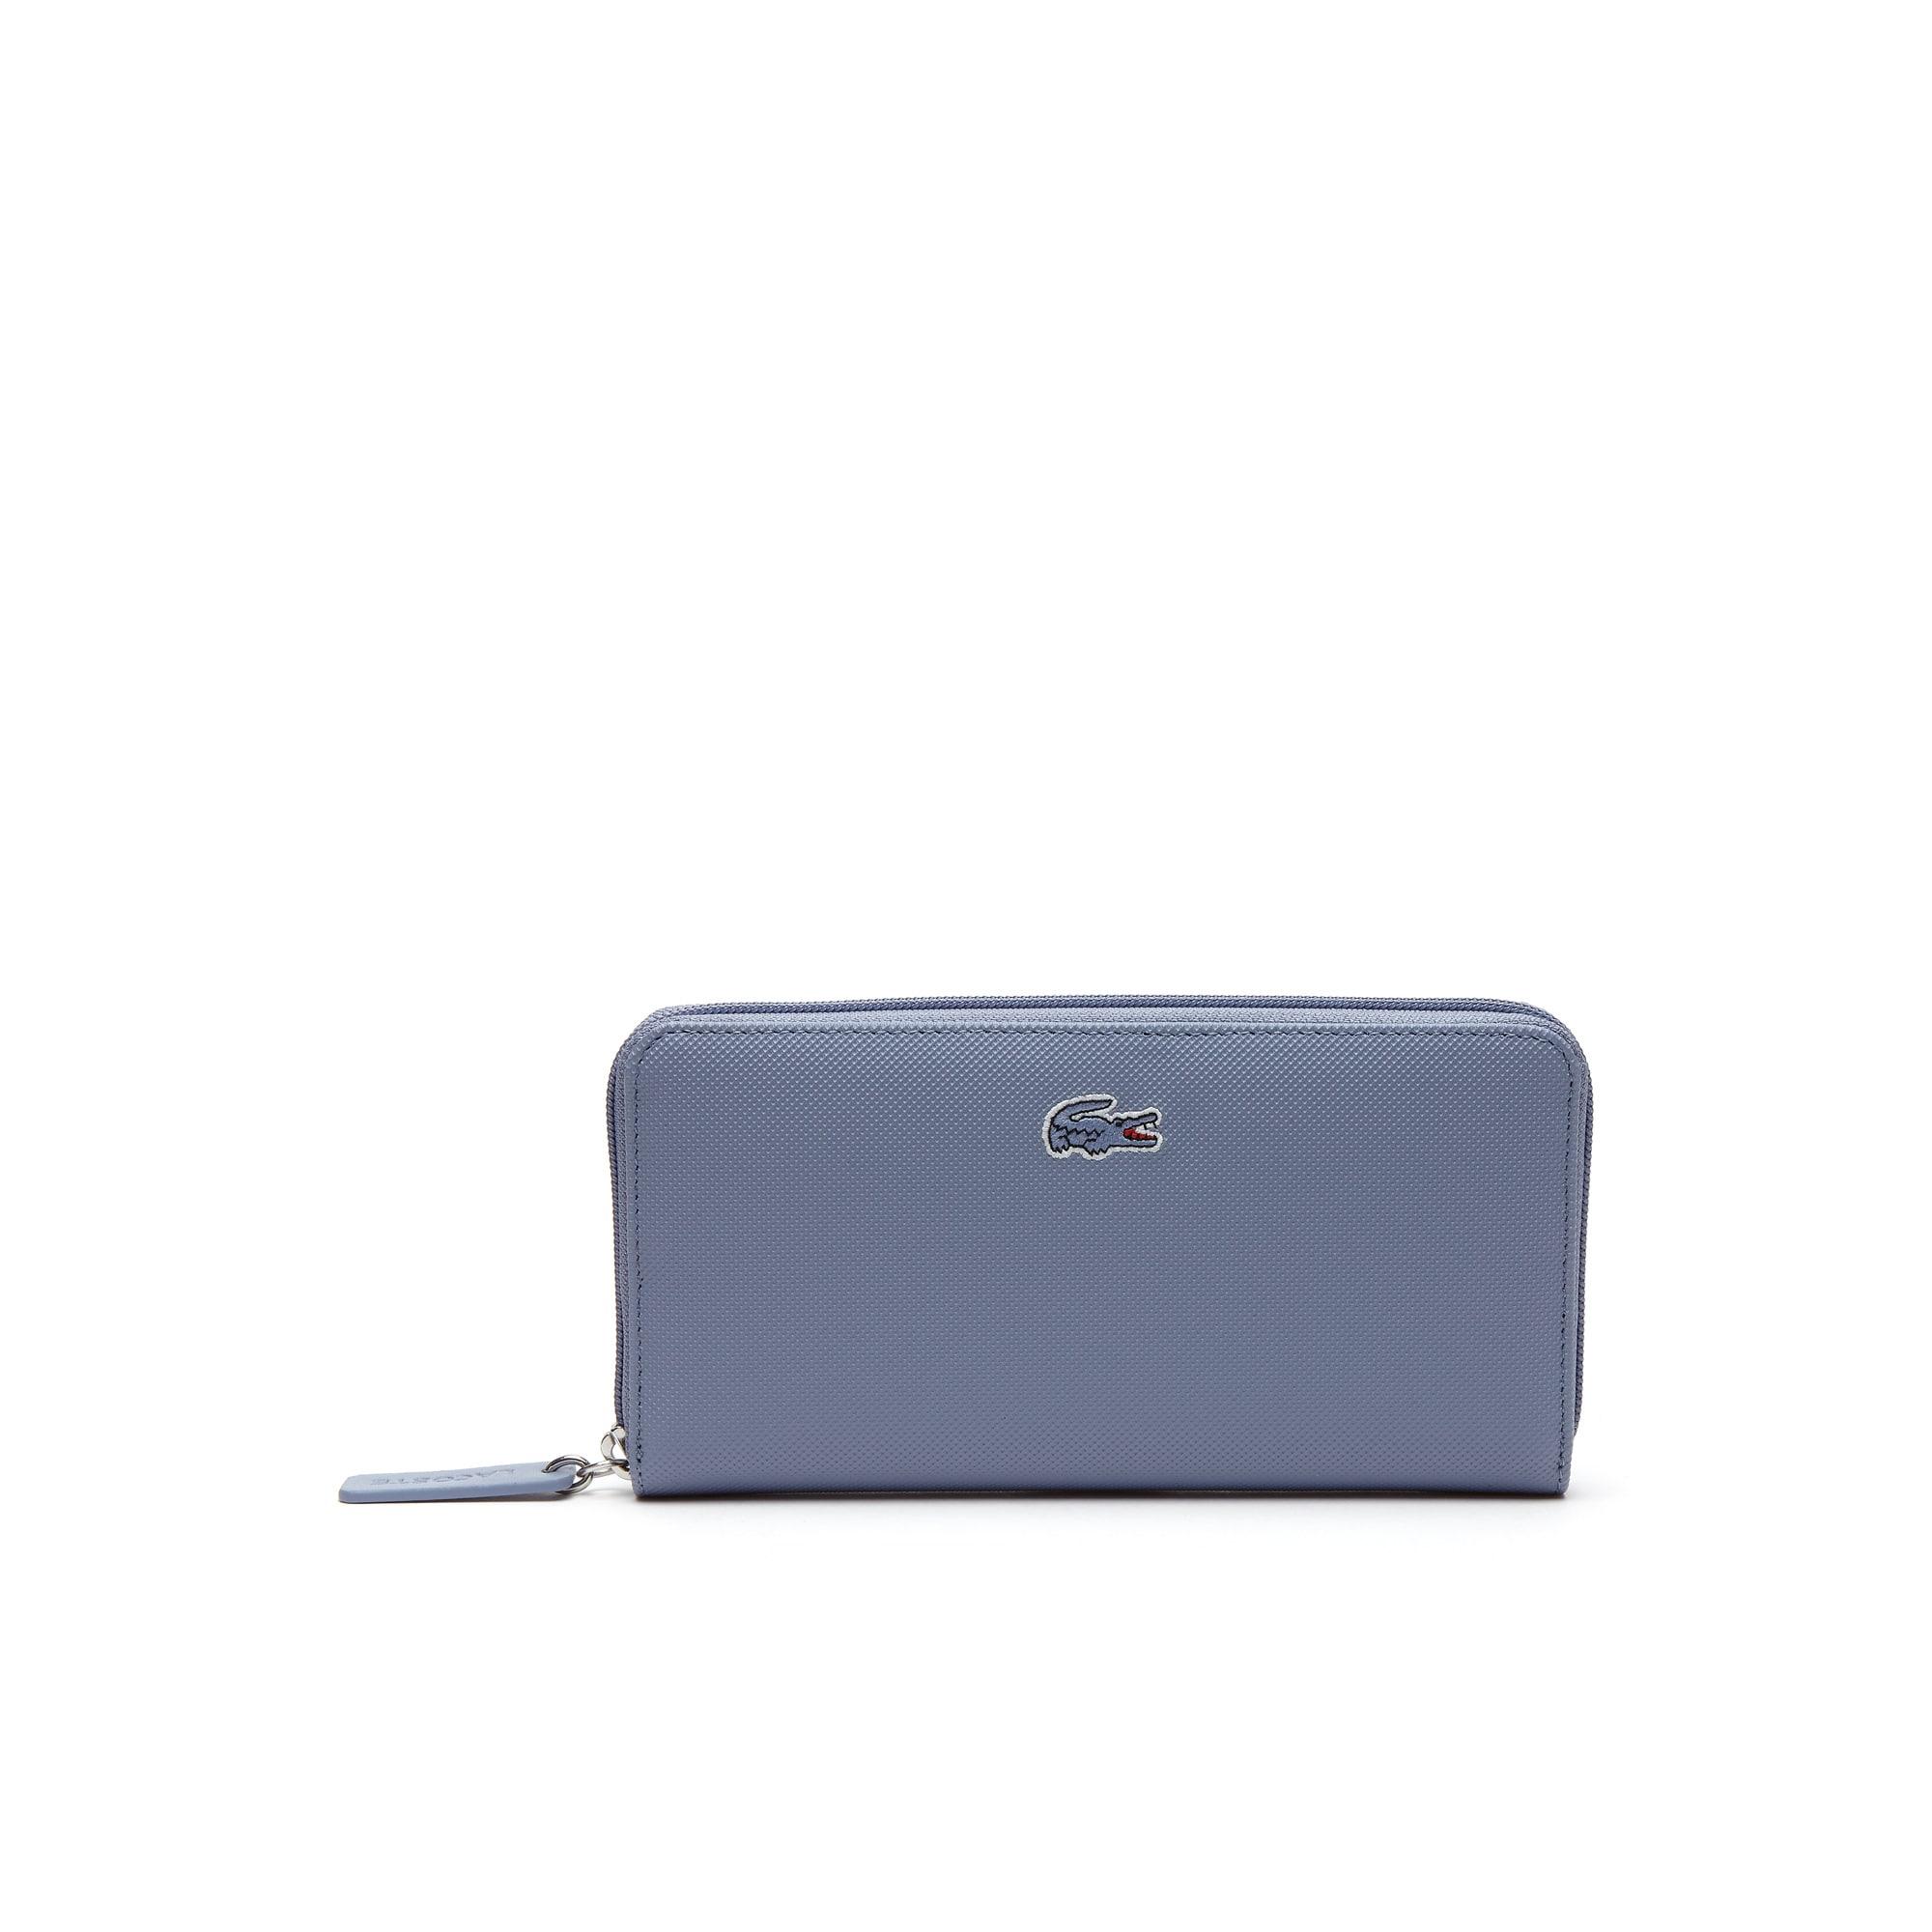 L.12.12 Concept-portemonnee dames petit piqué met rits